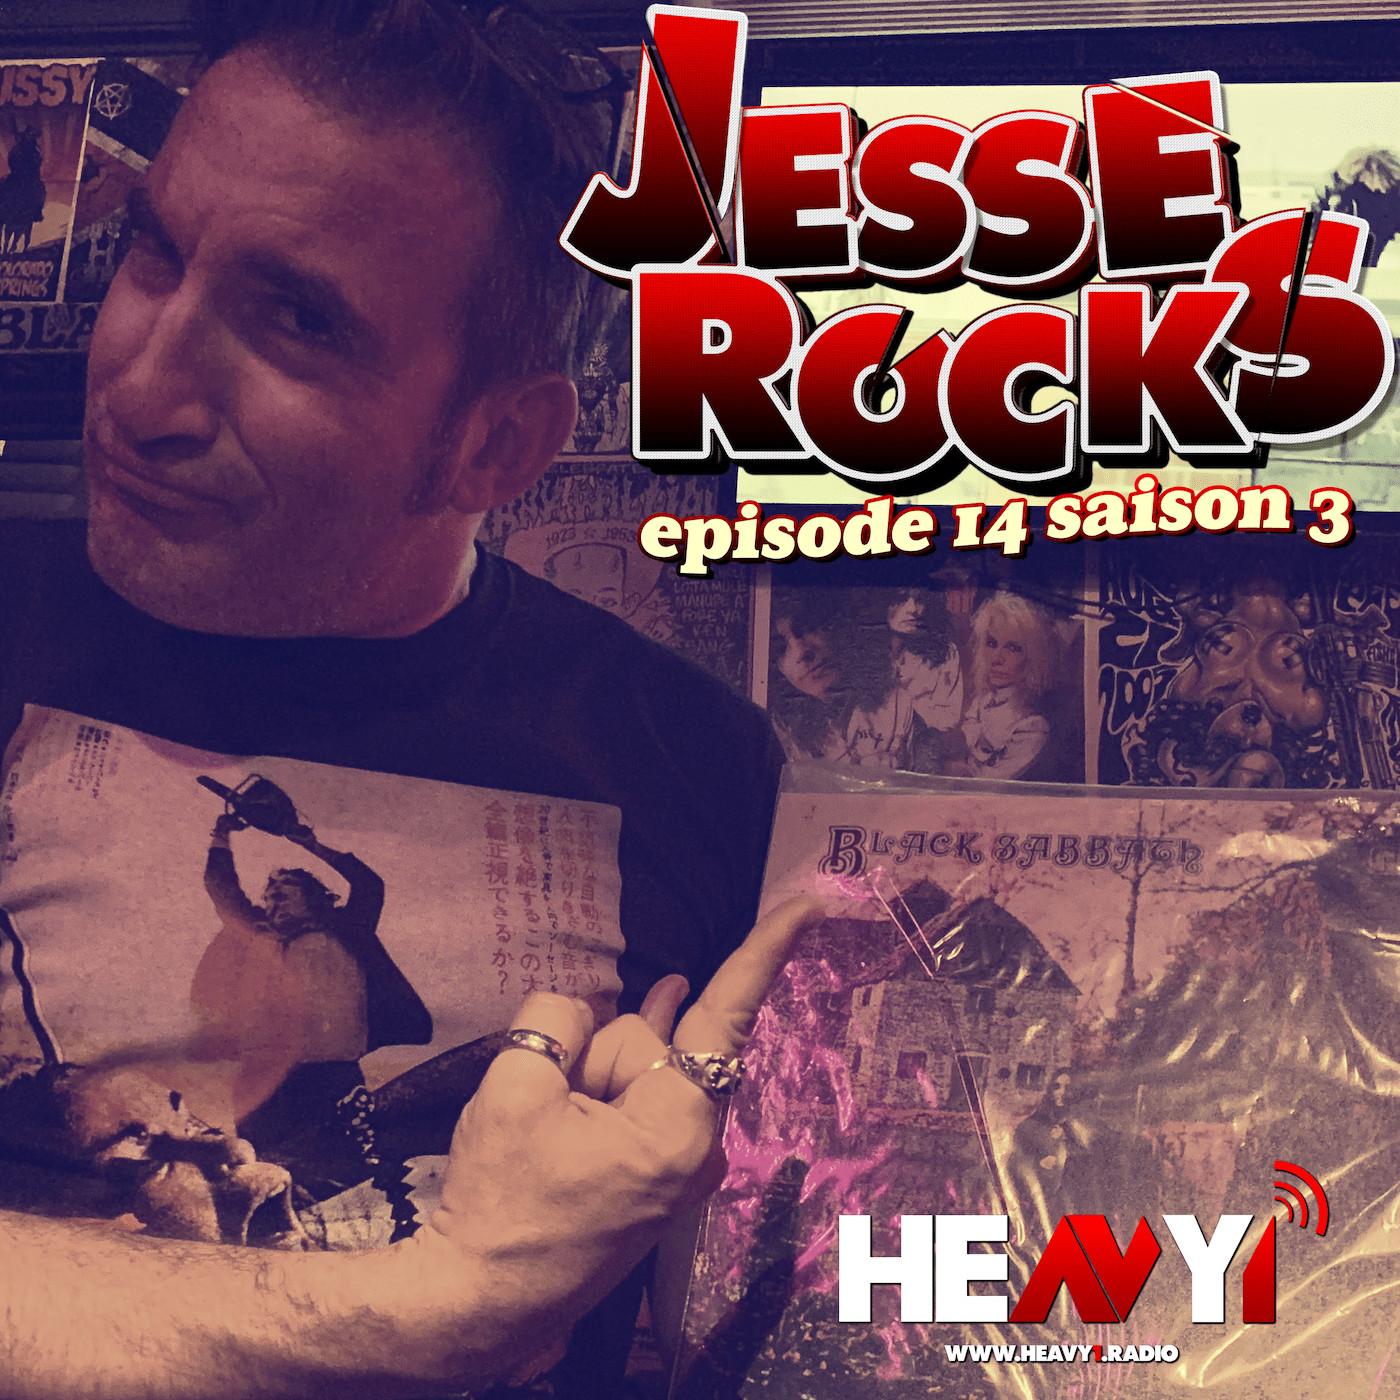 Jesse Rocks #14 Saison 3